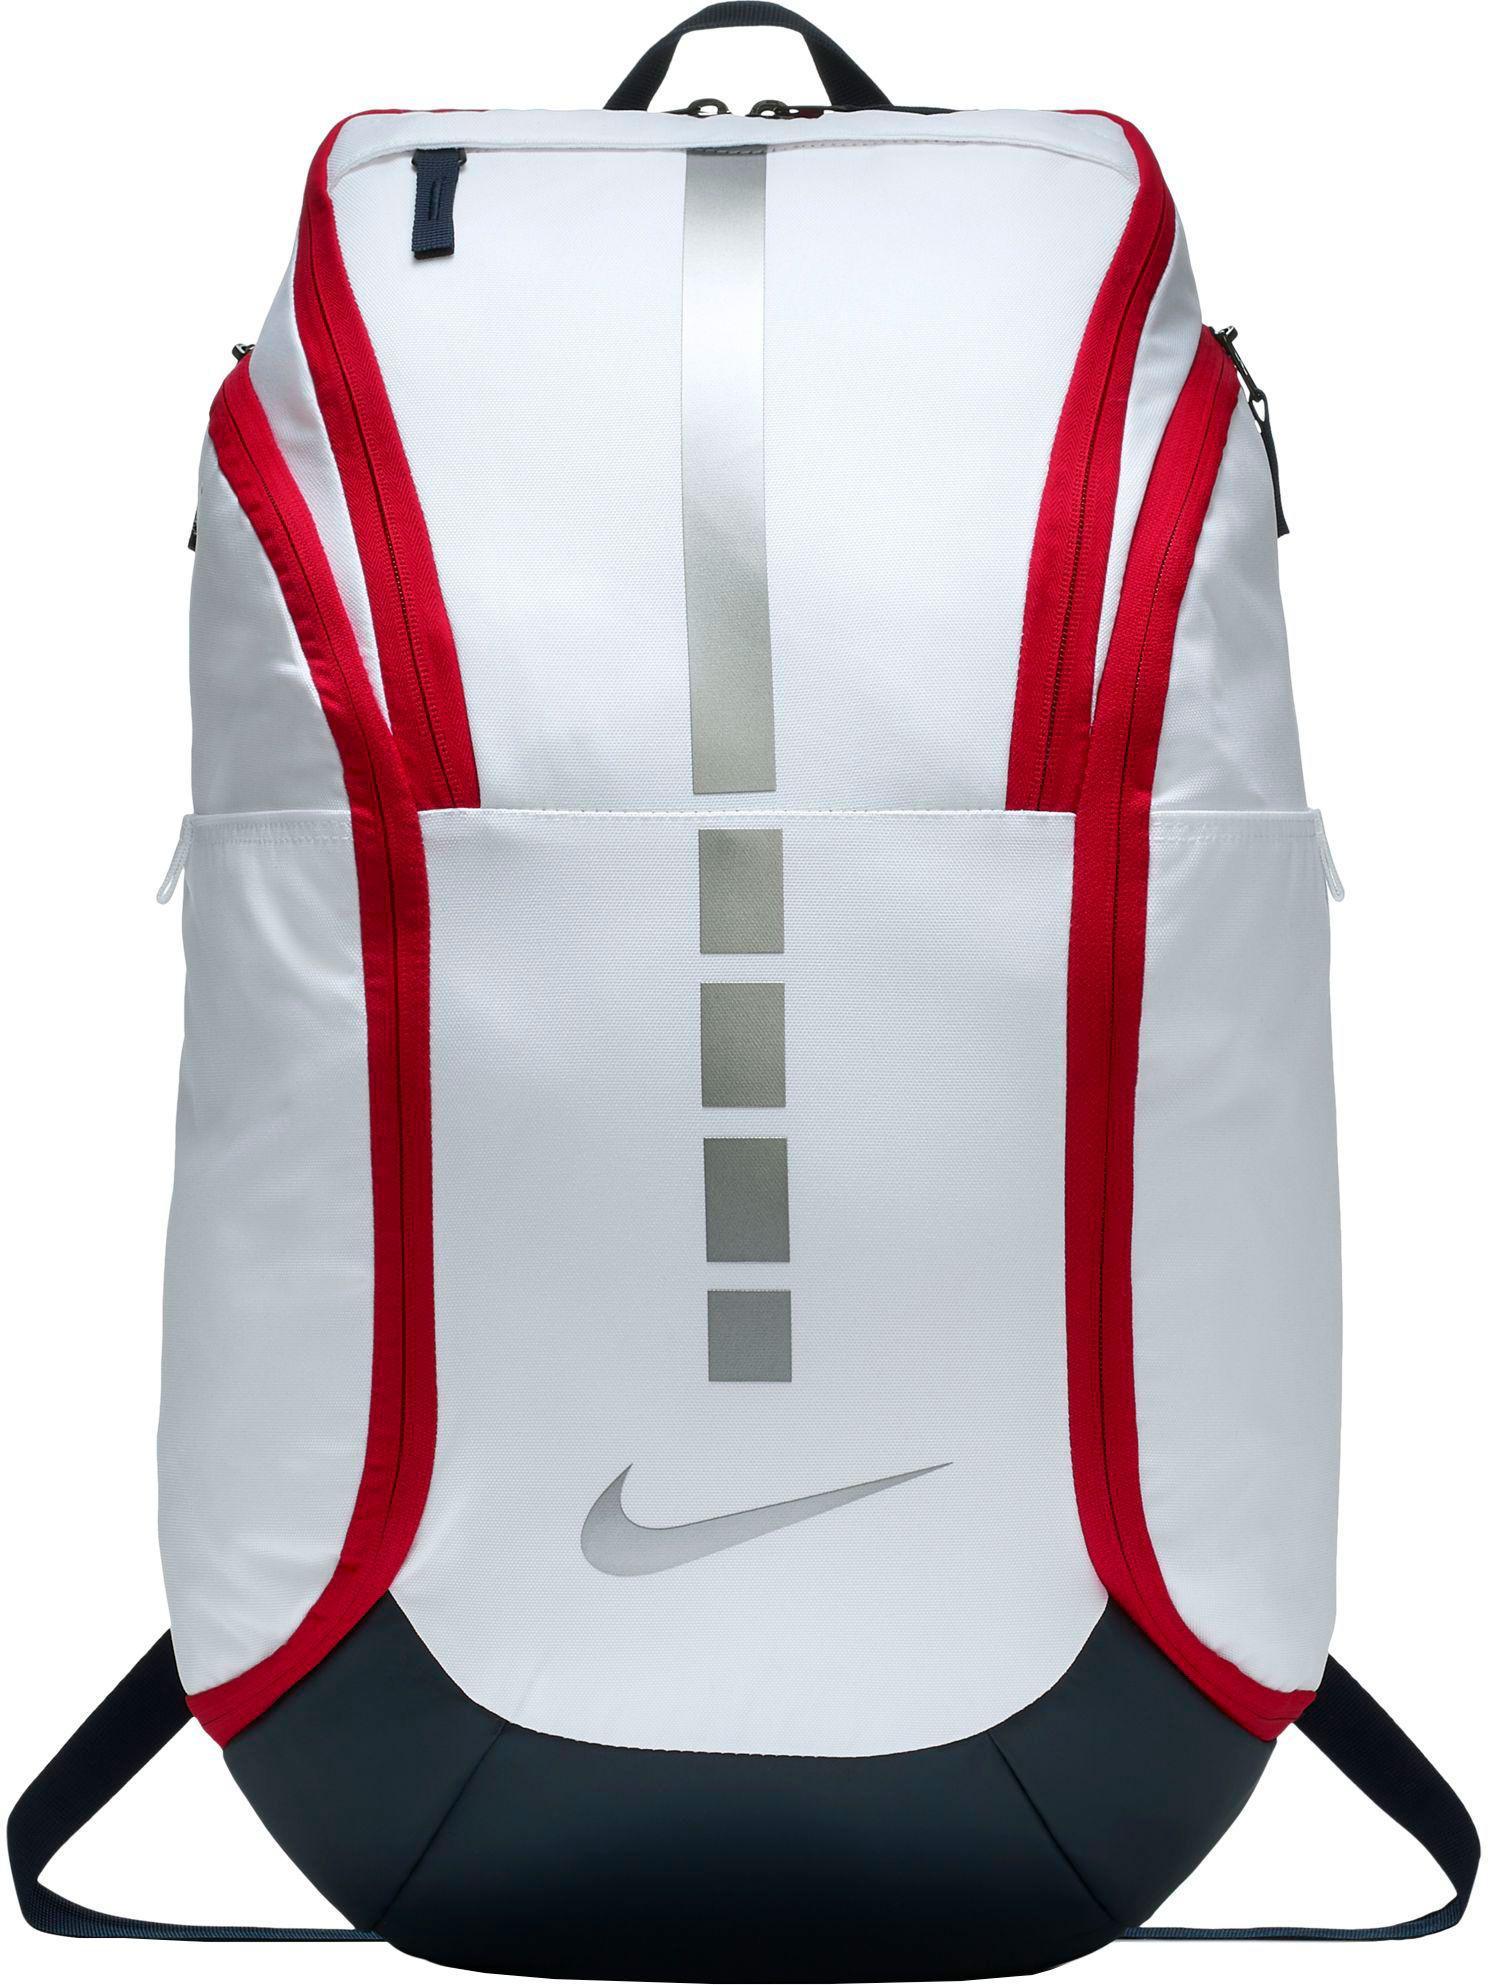 Lyst - Nike Hoops Elite Pro Basketball Backpack in White for Men cc1332e1be7ed